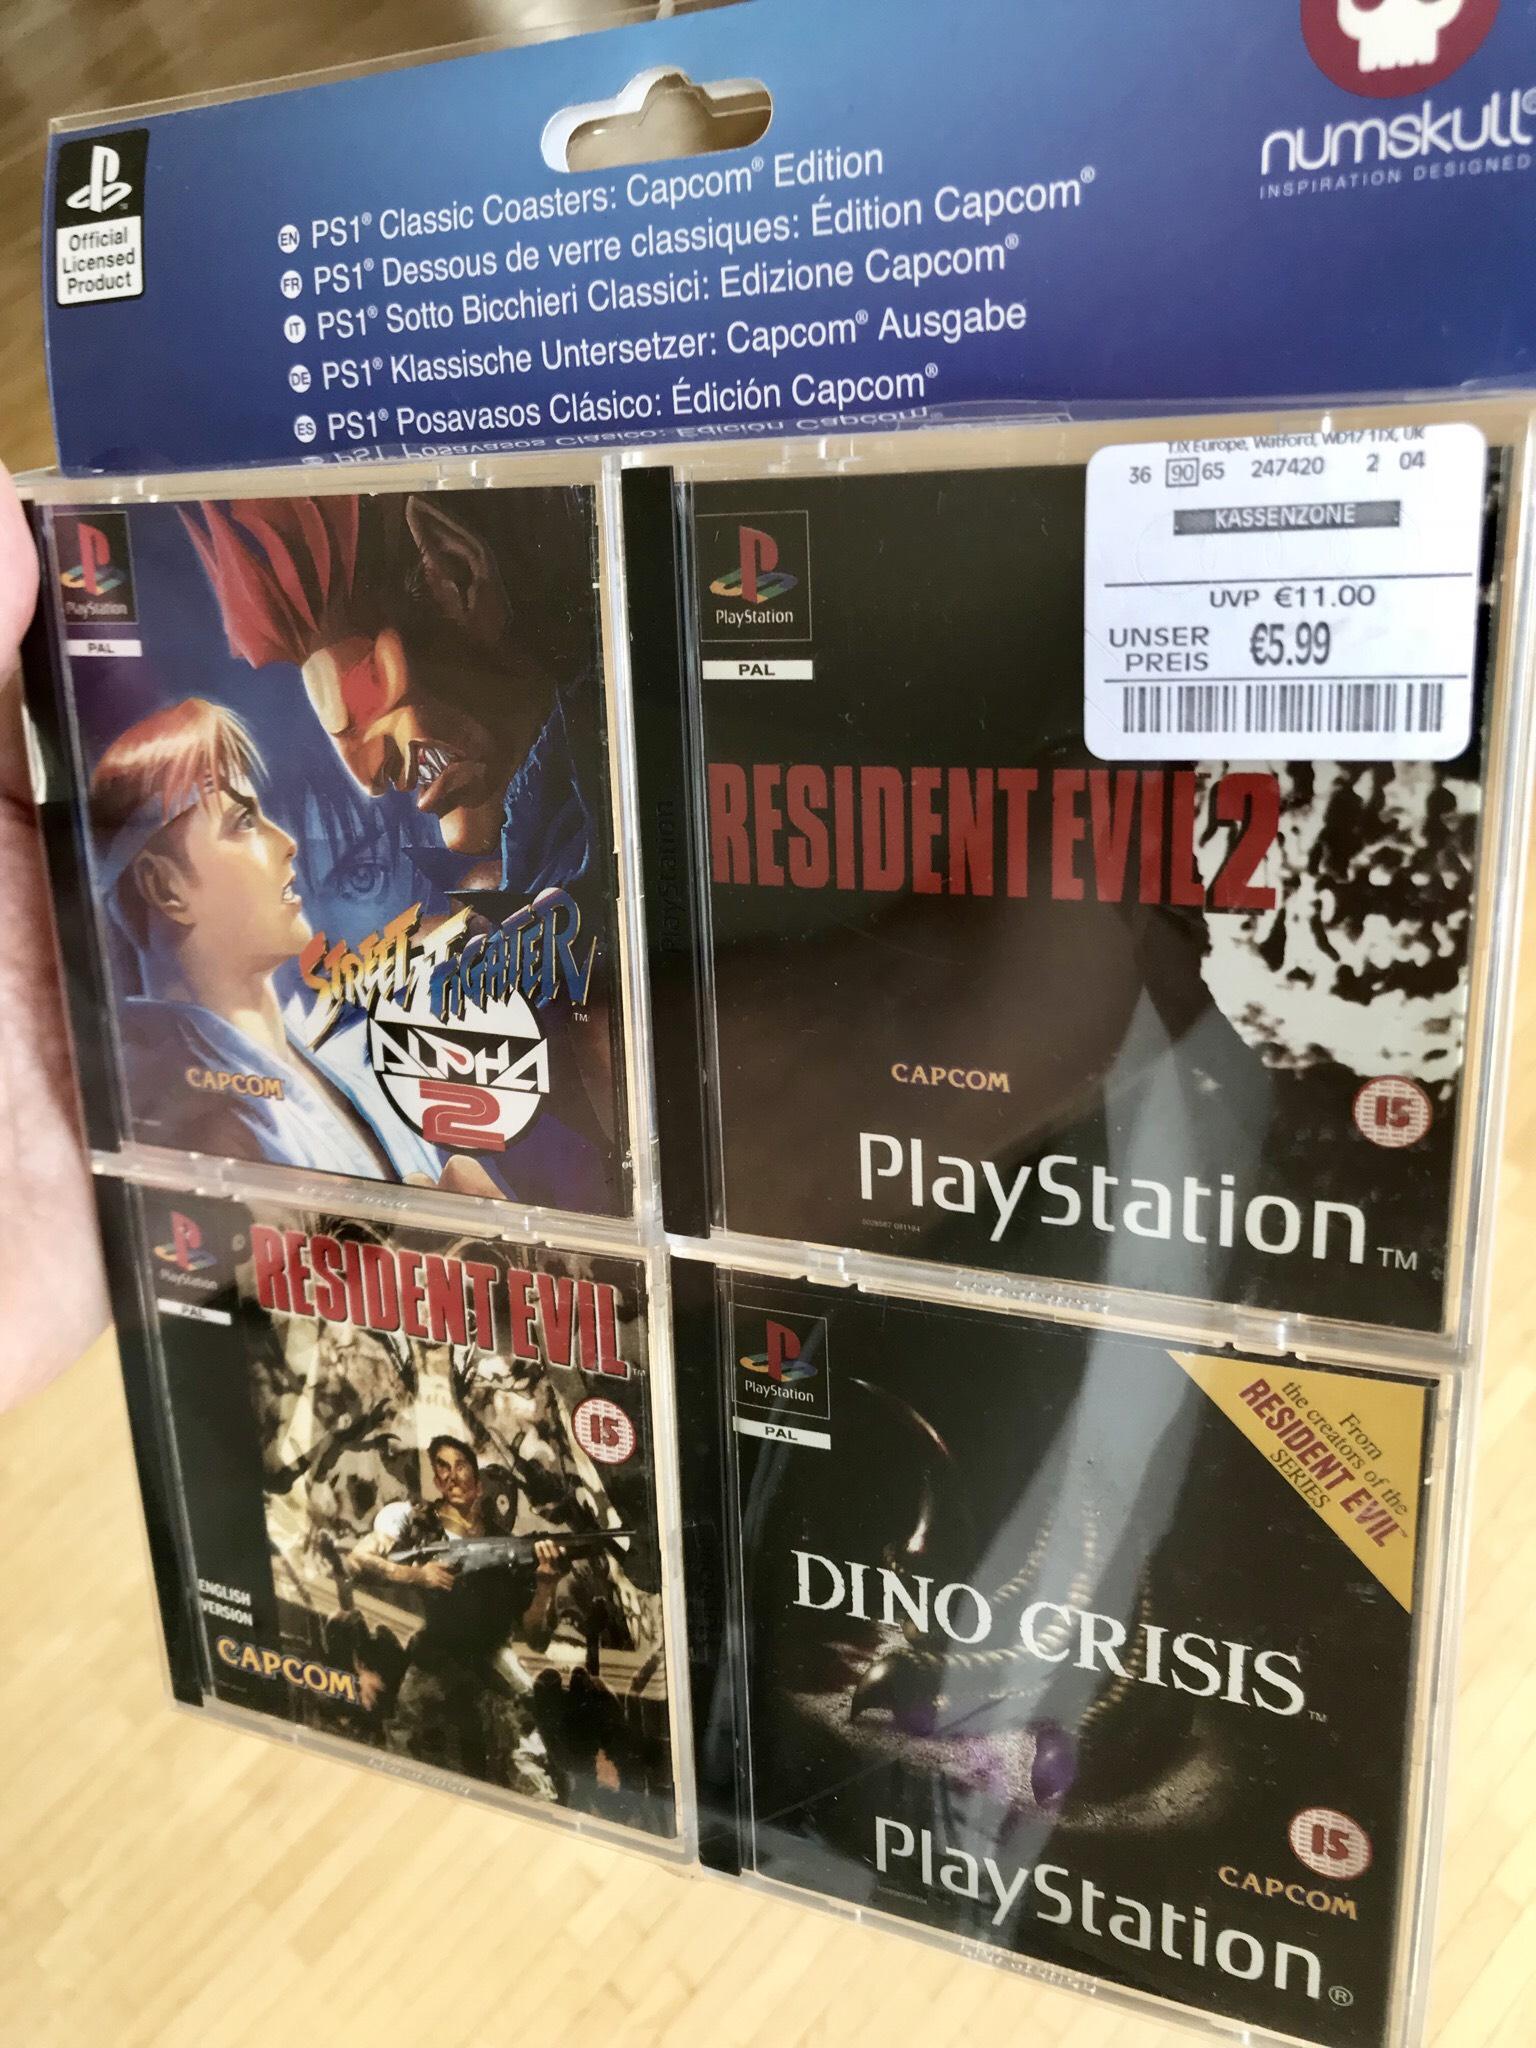 Playstation 1 hochwertige 1:1 Miniaturhüllen als Untersetzer (auch im SNES und NES Design) - Lokal TKMaxx Siegen und alternativ online